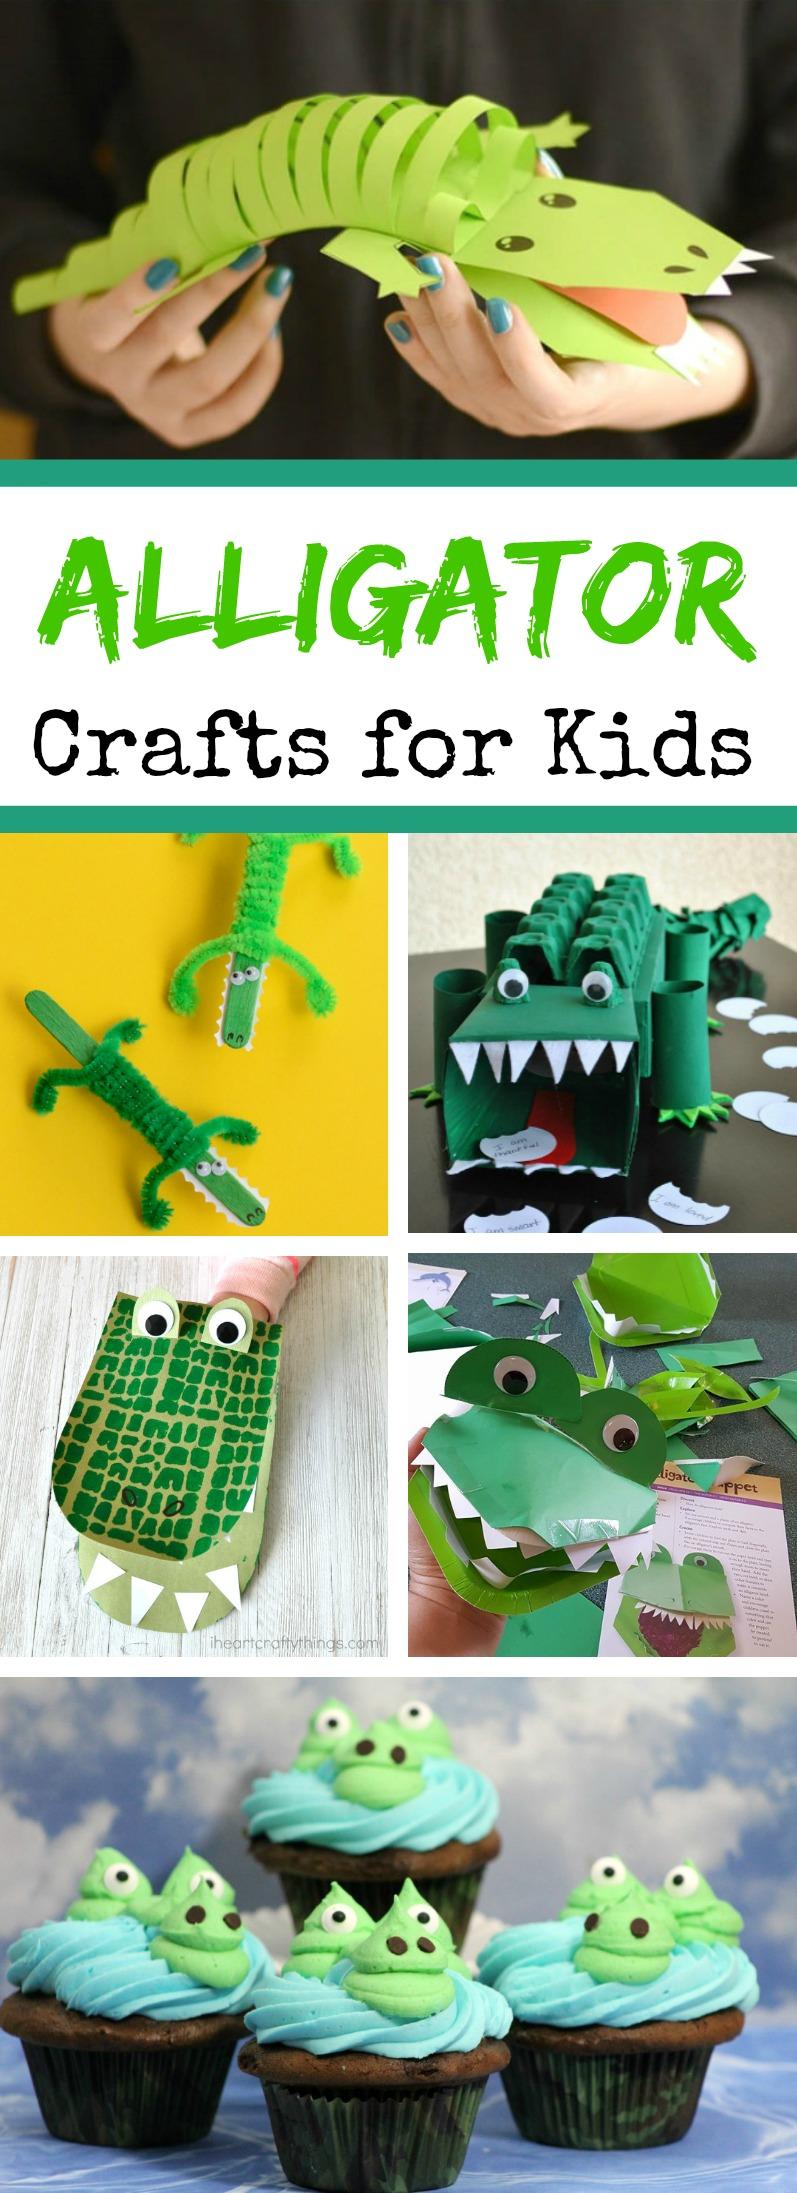 Alligator Crafts for Kids